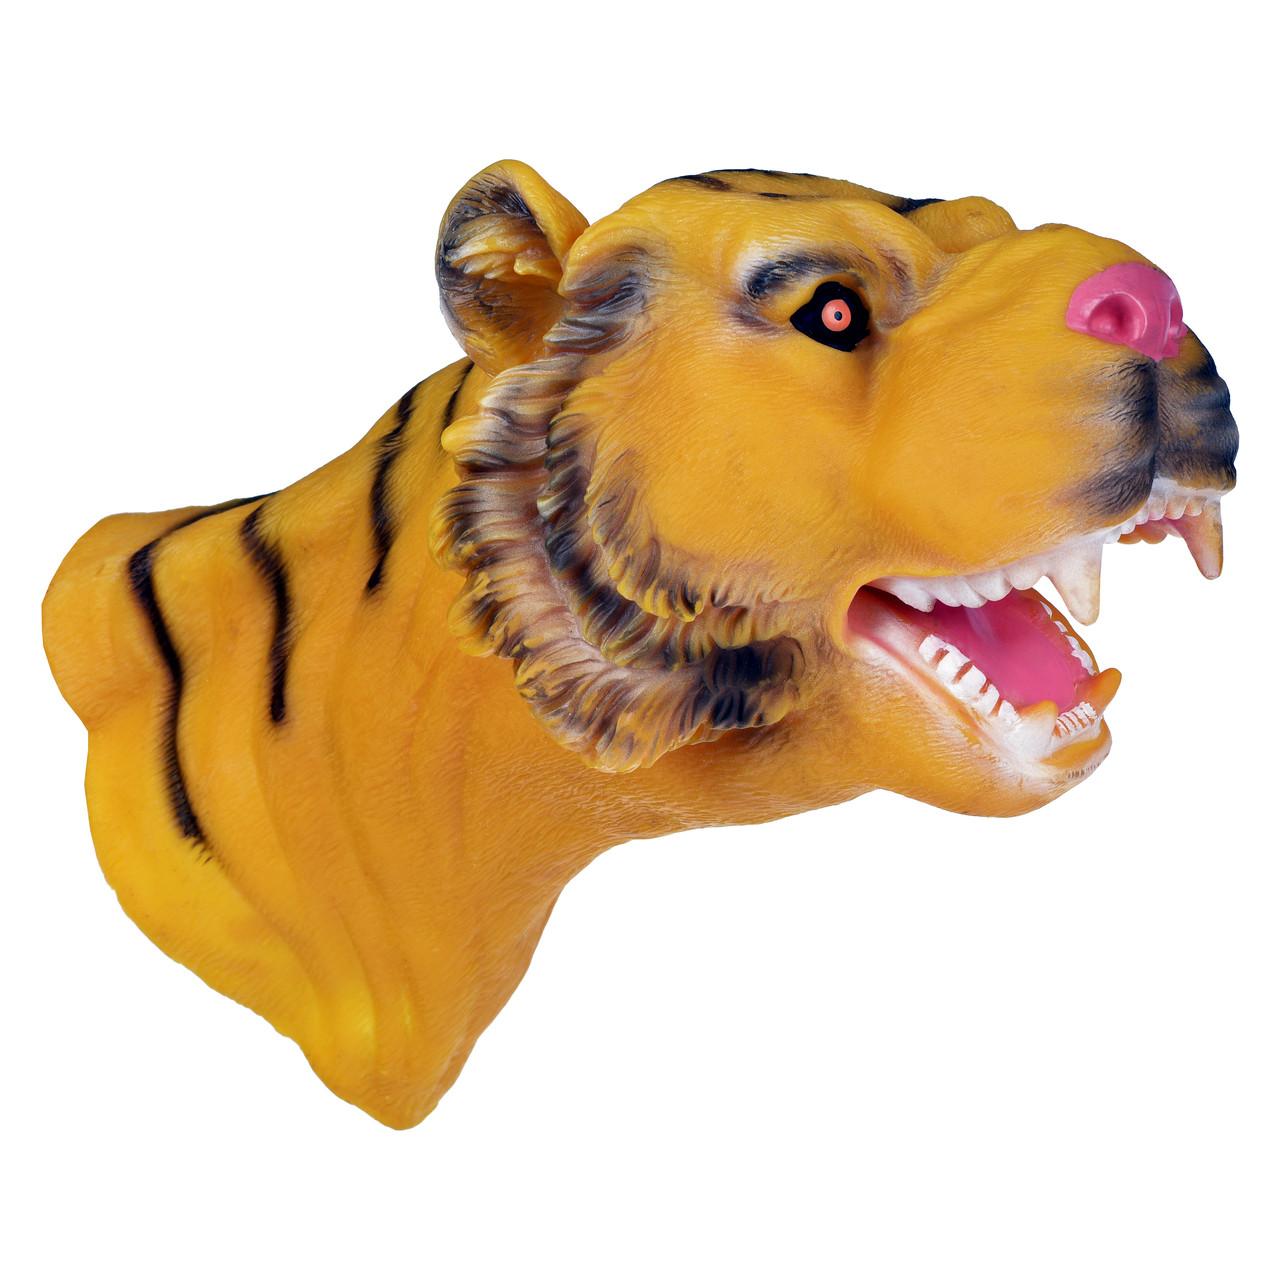 Игрушка - перчатка  Animal Gloves Toys Голова Тигра «Same Toy» (AK68622Ut-4)